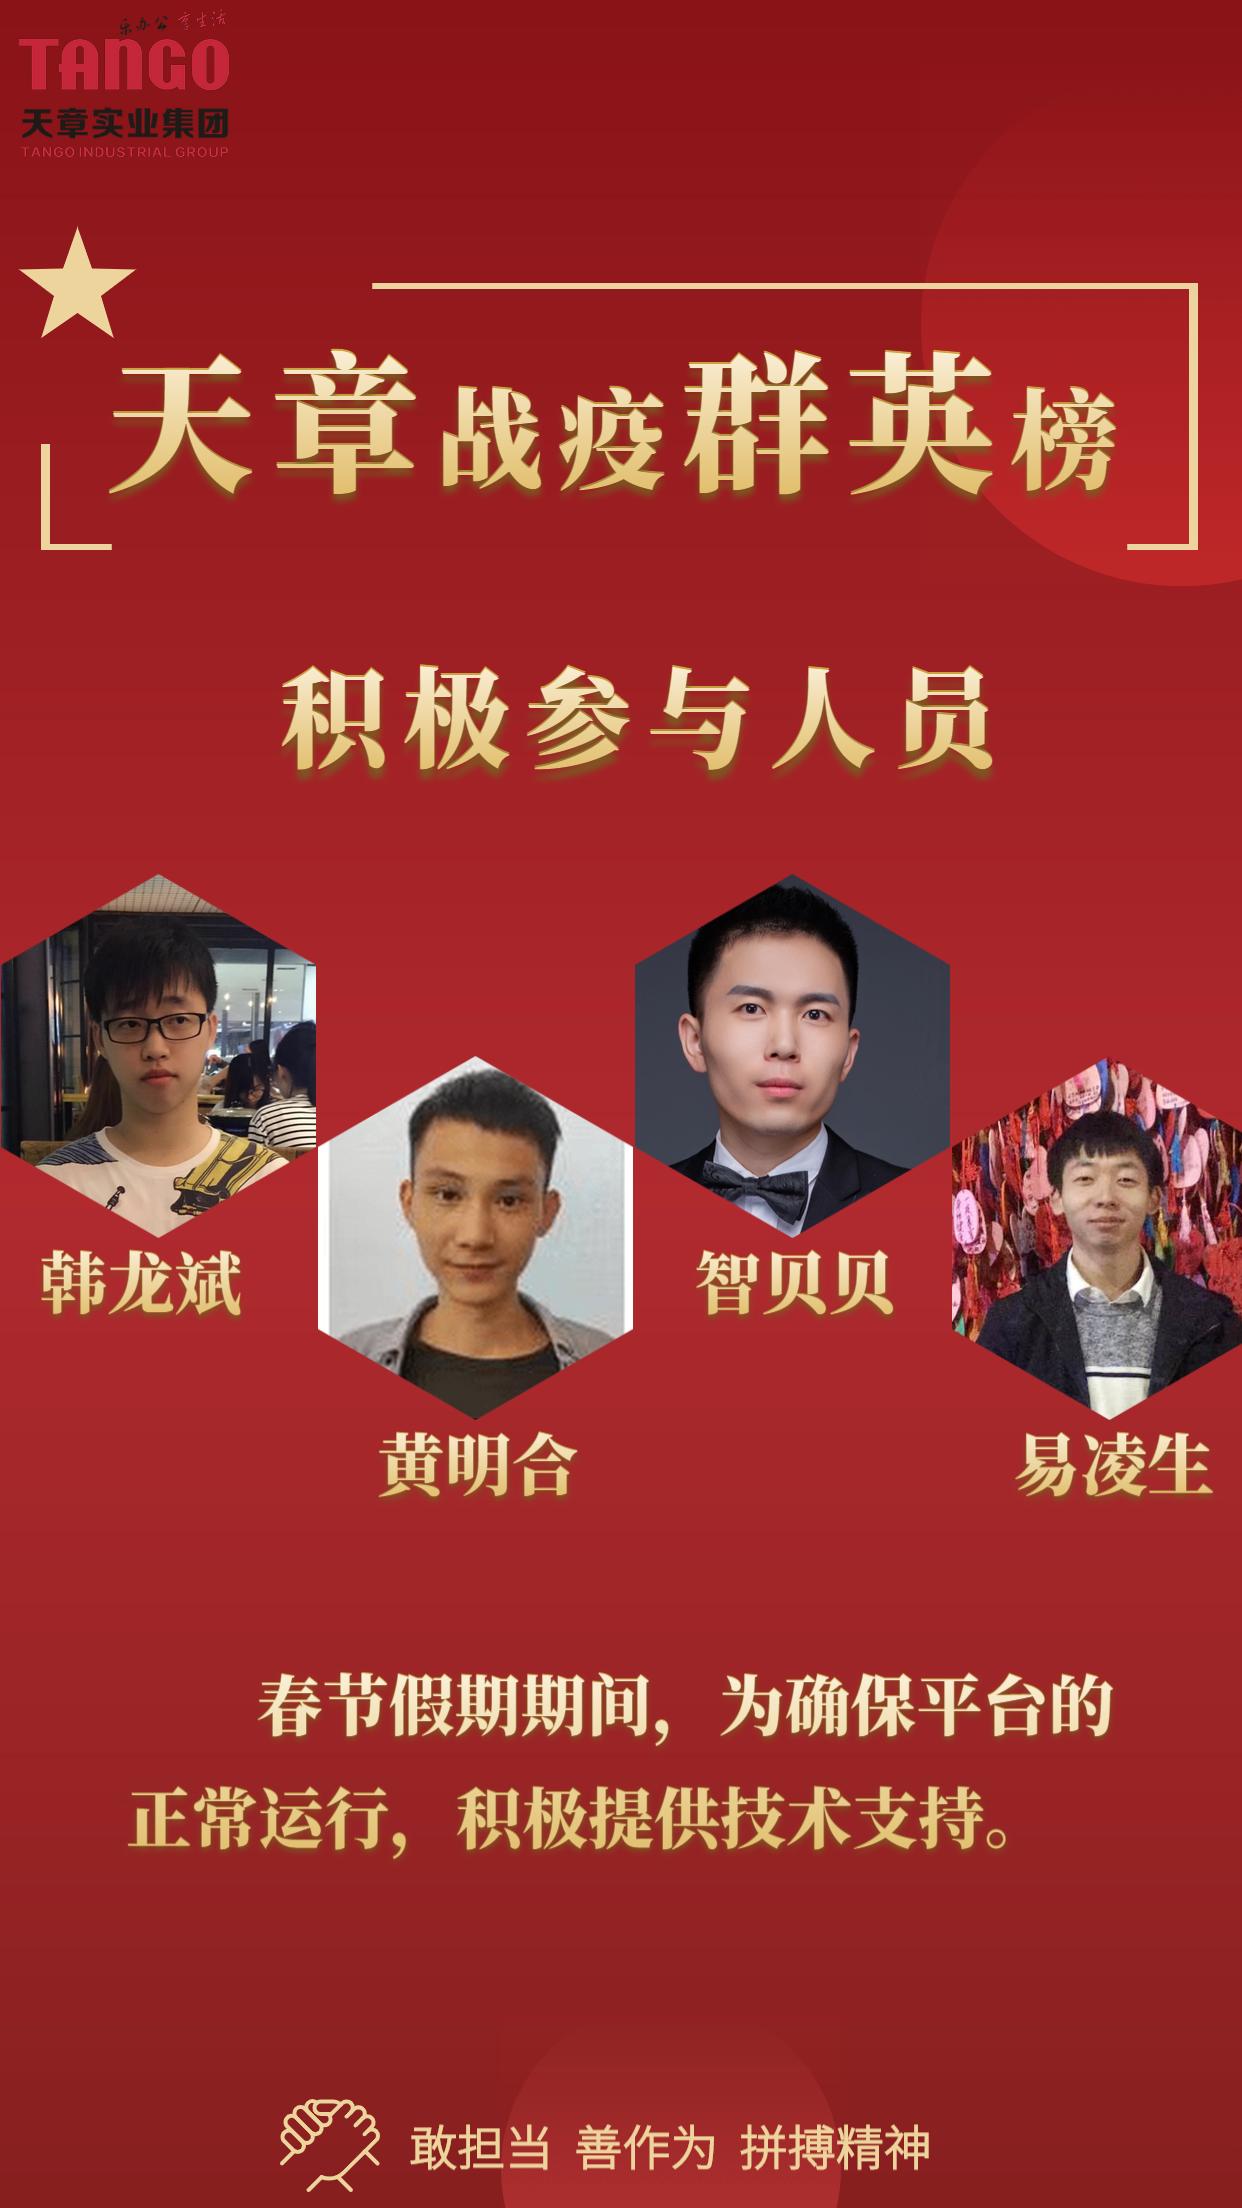 韩龙斌技术团队海报